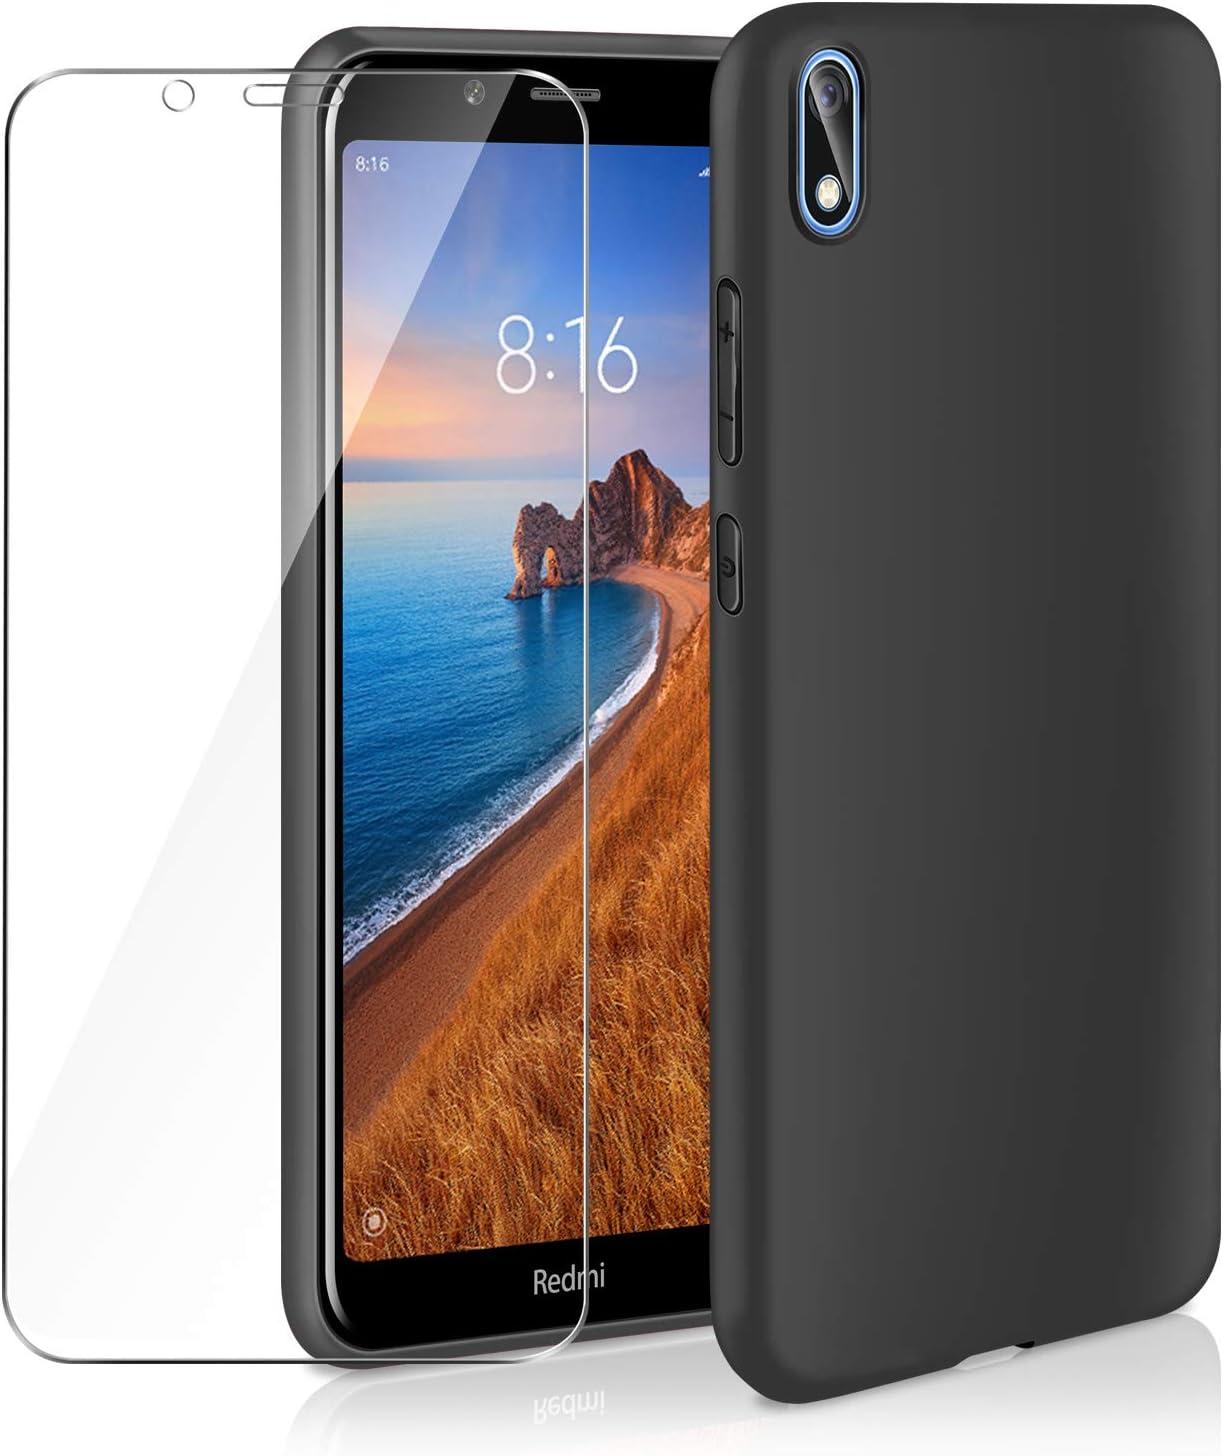 AROYI Funda Xiaomi Redmi 7A & Cristal Templado, Carcasa Silicona TPU Ultra Fina Alta Resistente y Flexibilidad Fundas Cover Caso para Xiaomi Redmi 7A-Negro